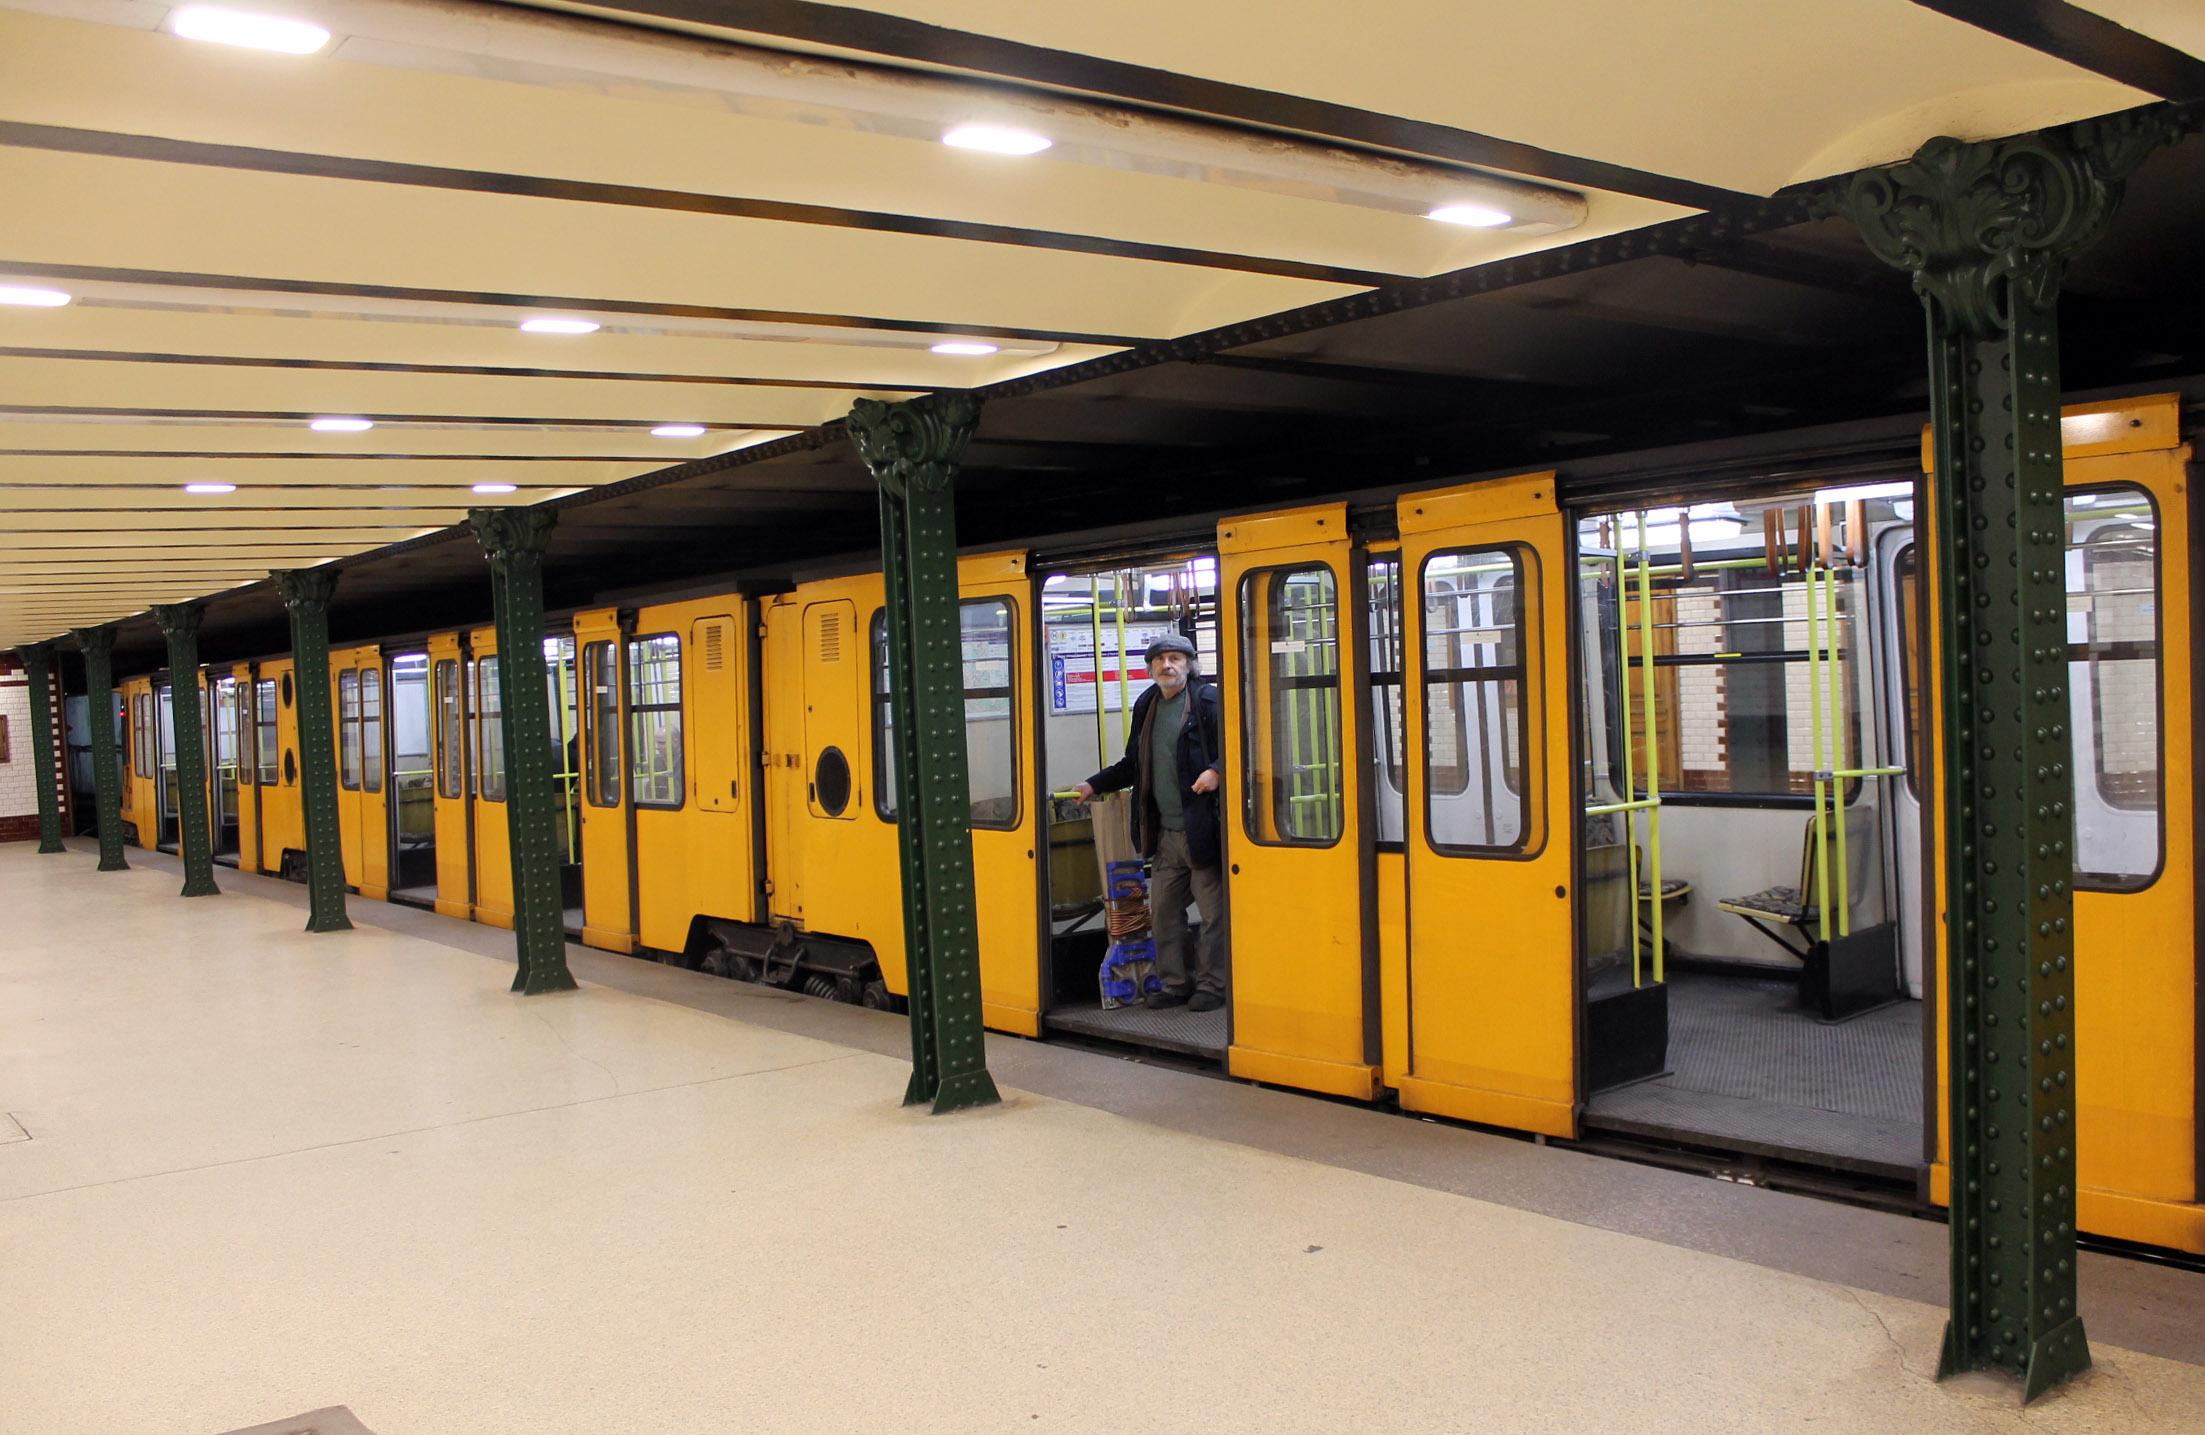 метро будапешта - самое старое в европе